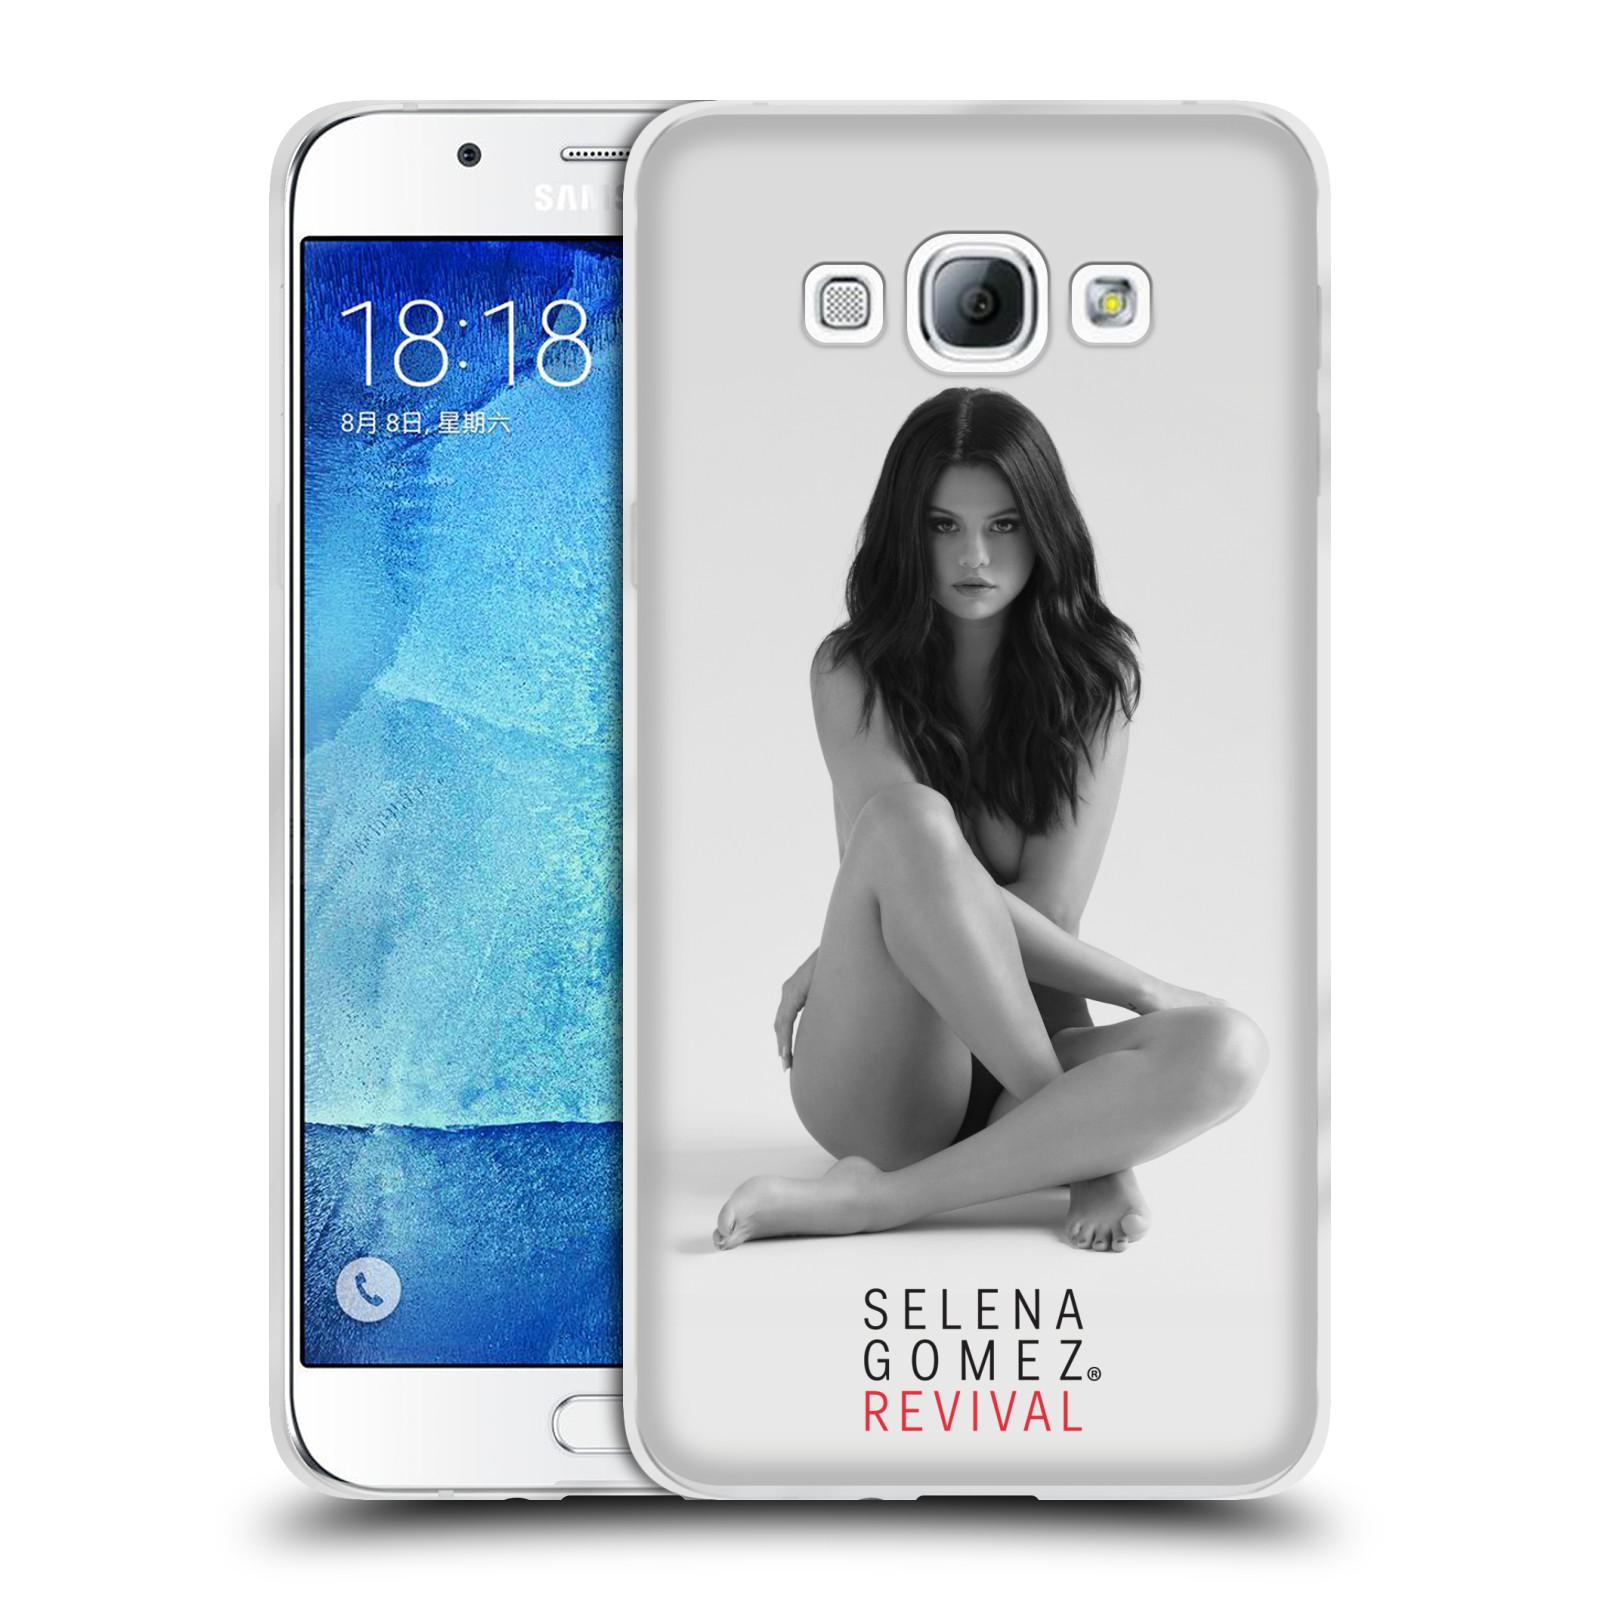 HEAD CASE silikonový obal na mobil Samsung Galaxy A8 2015 Zpěvačka Selena Gomez foto Revival